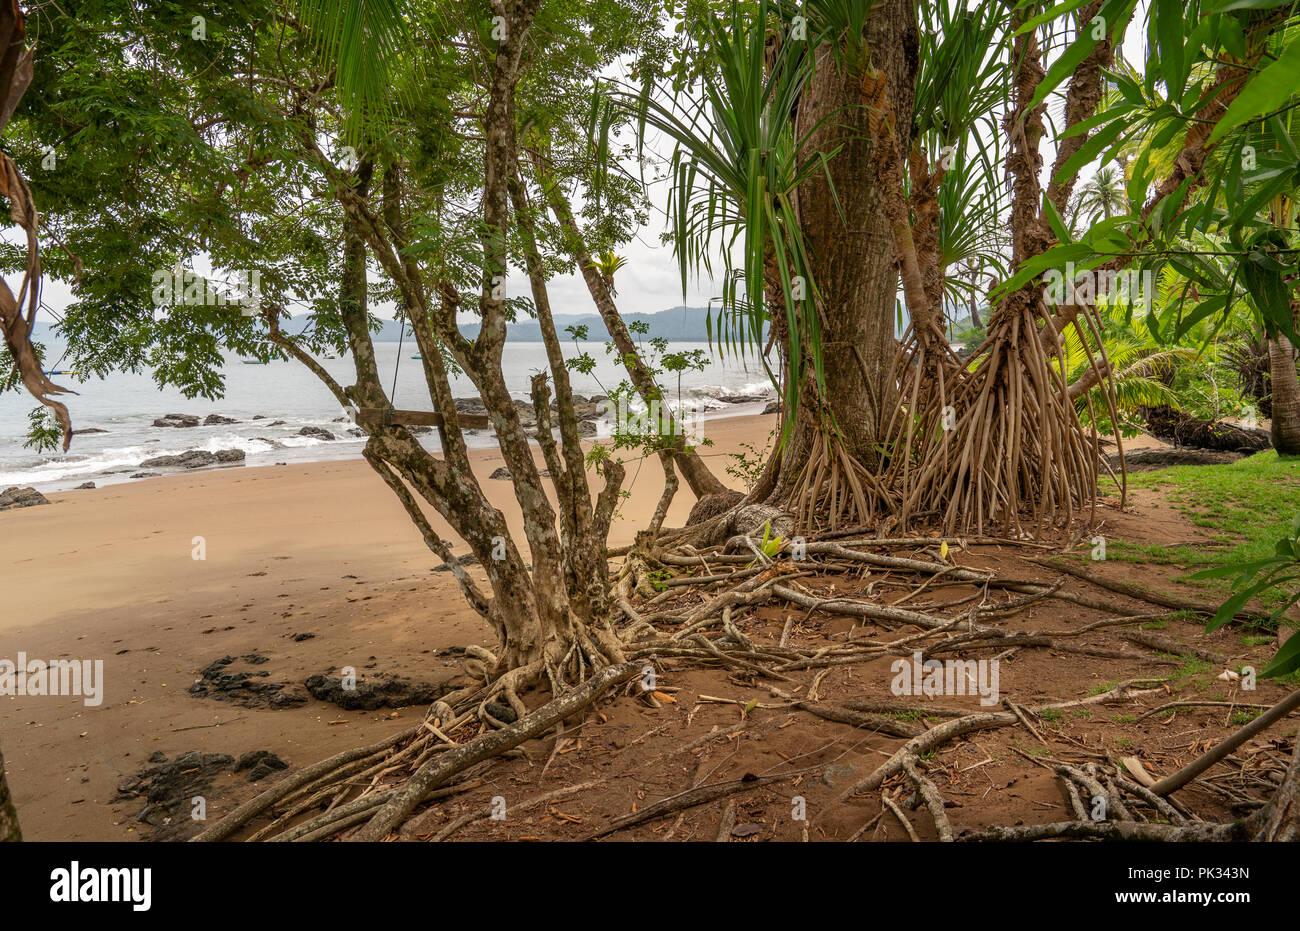 Playa, Parque Nacional Corcovado, Península de Osa, Costa Rica Imagen De Stock